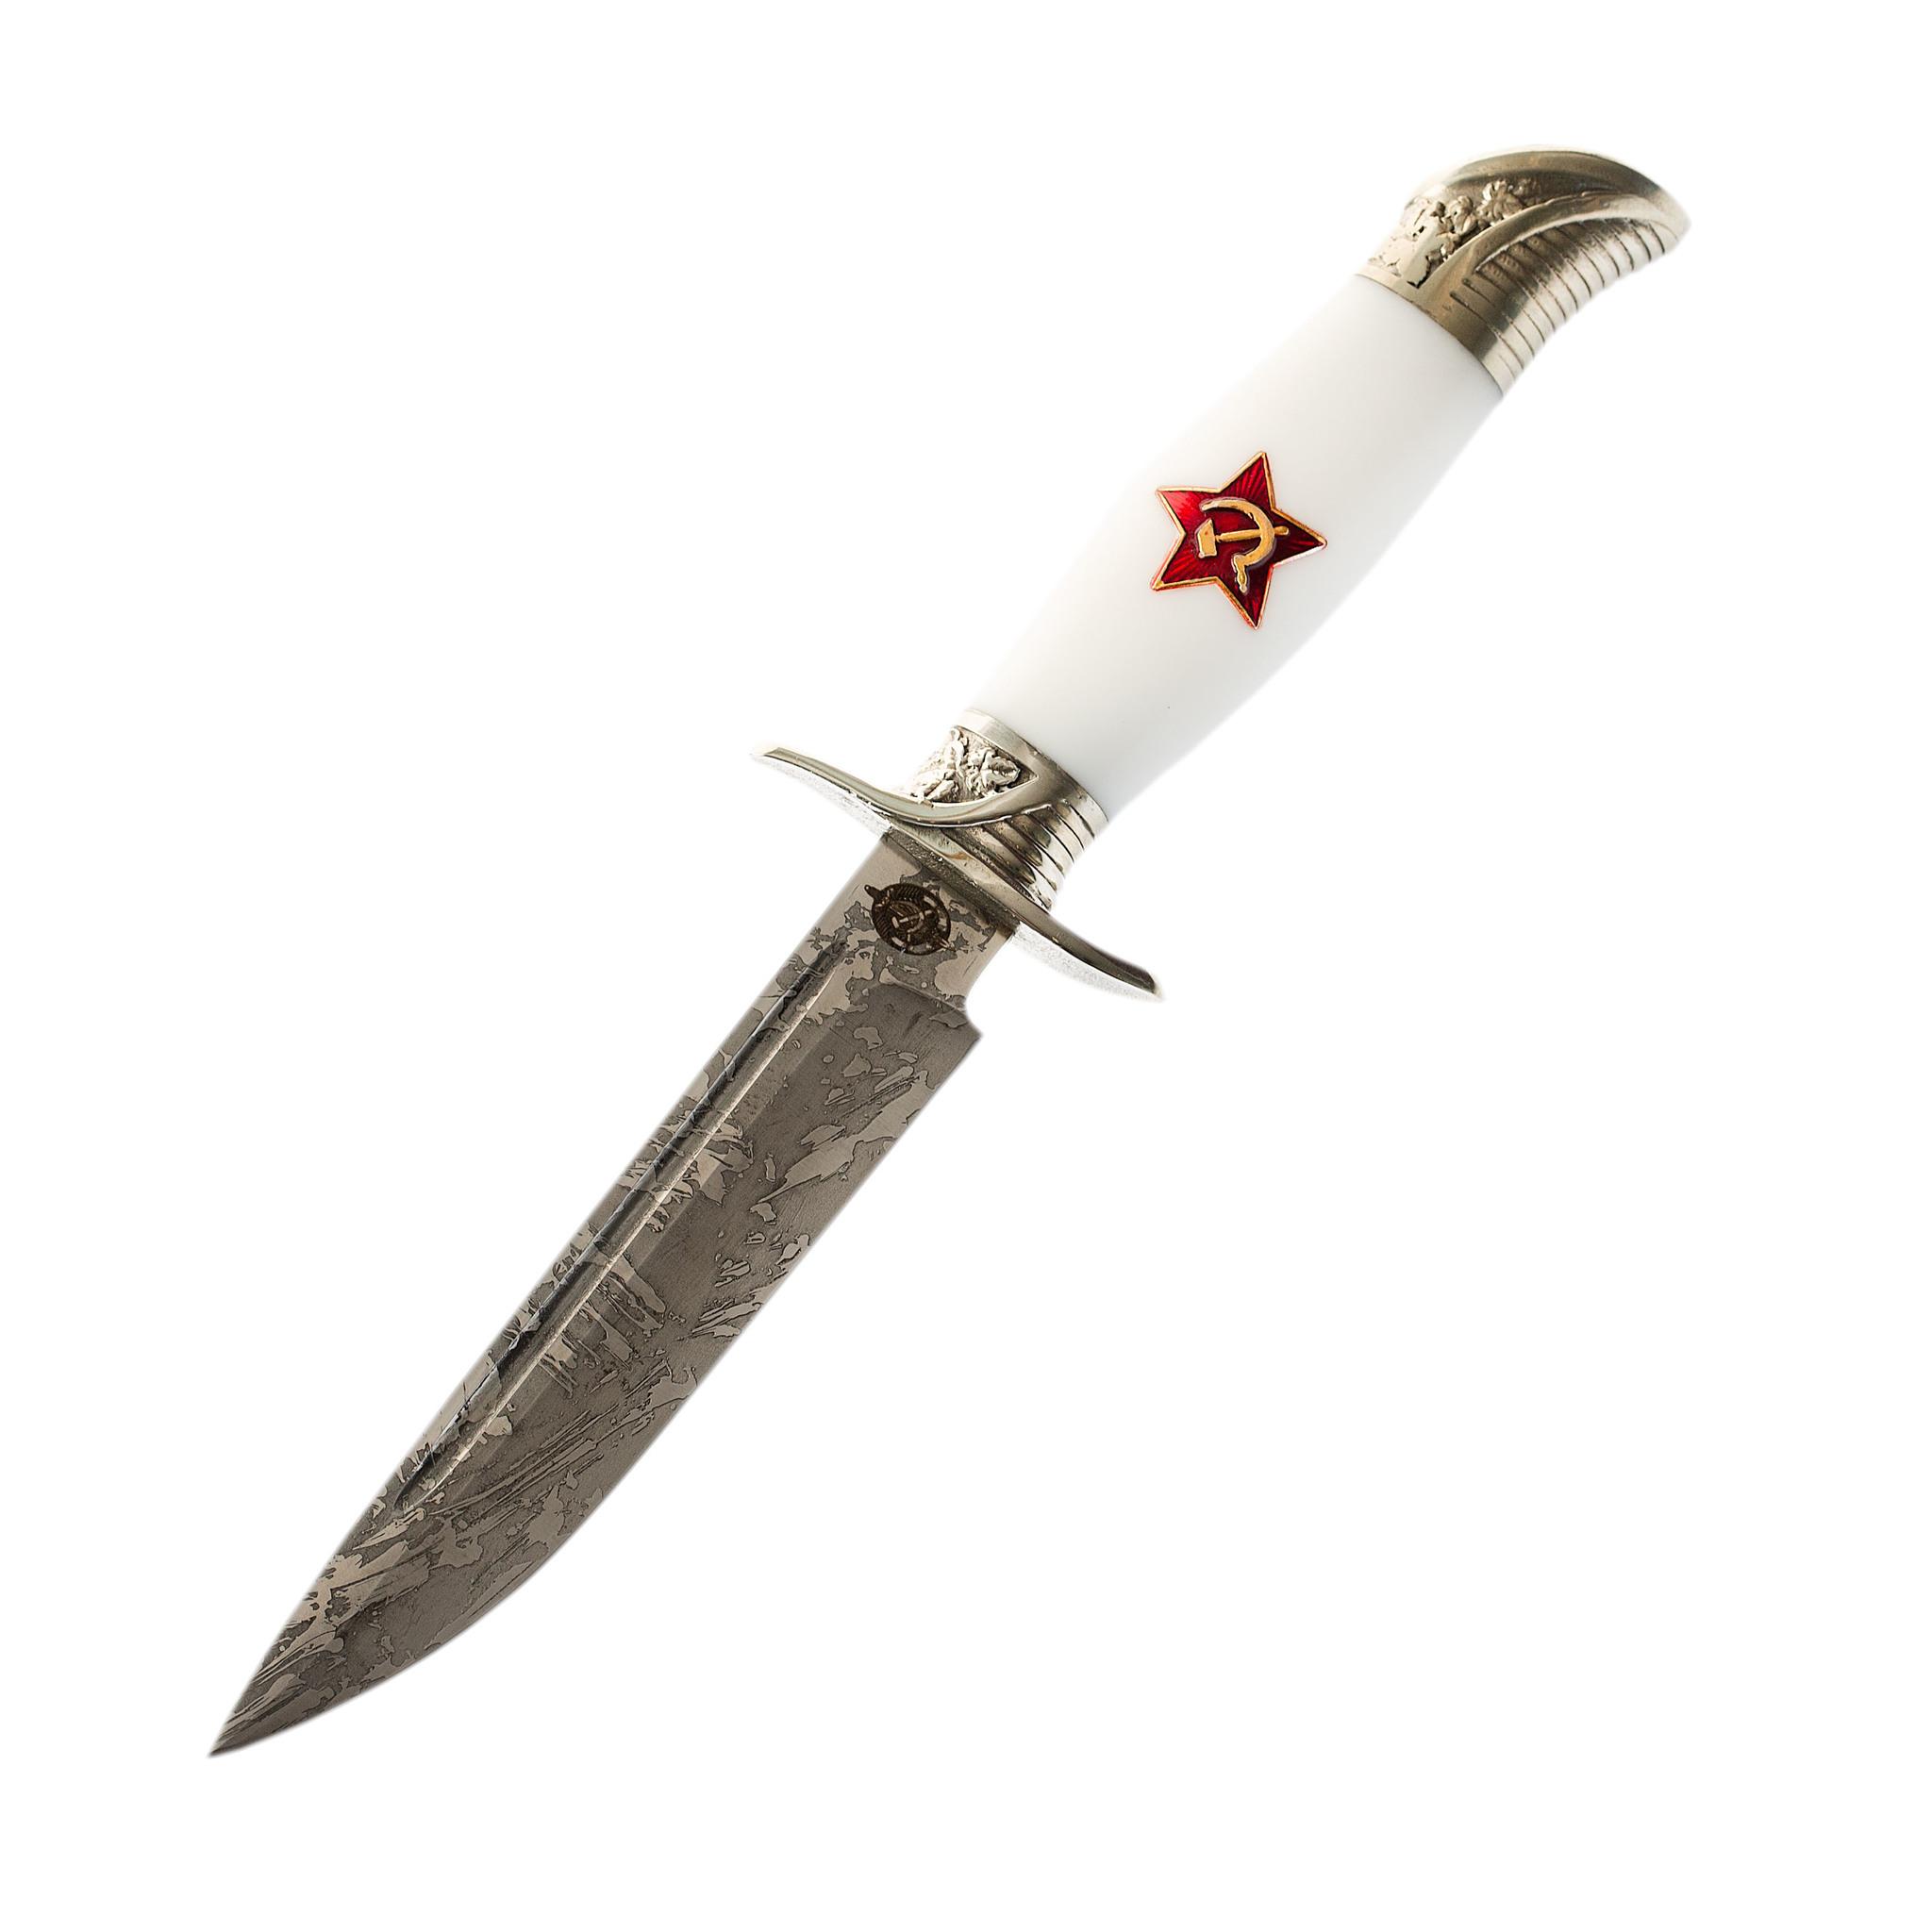 Нож Финка НКВД со звездой, сталь Х12МФ, белый акрил